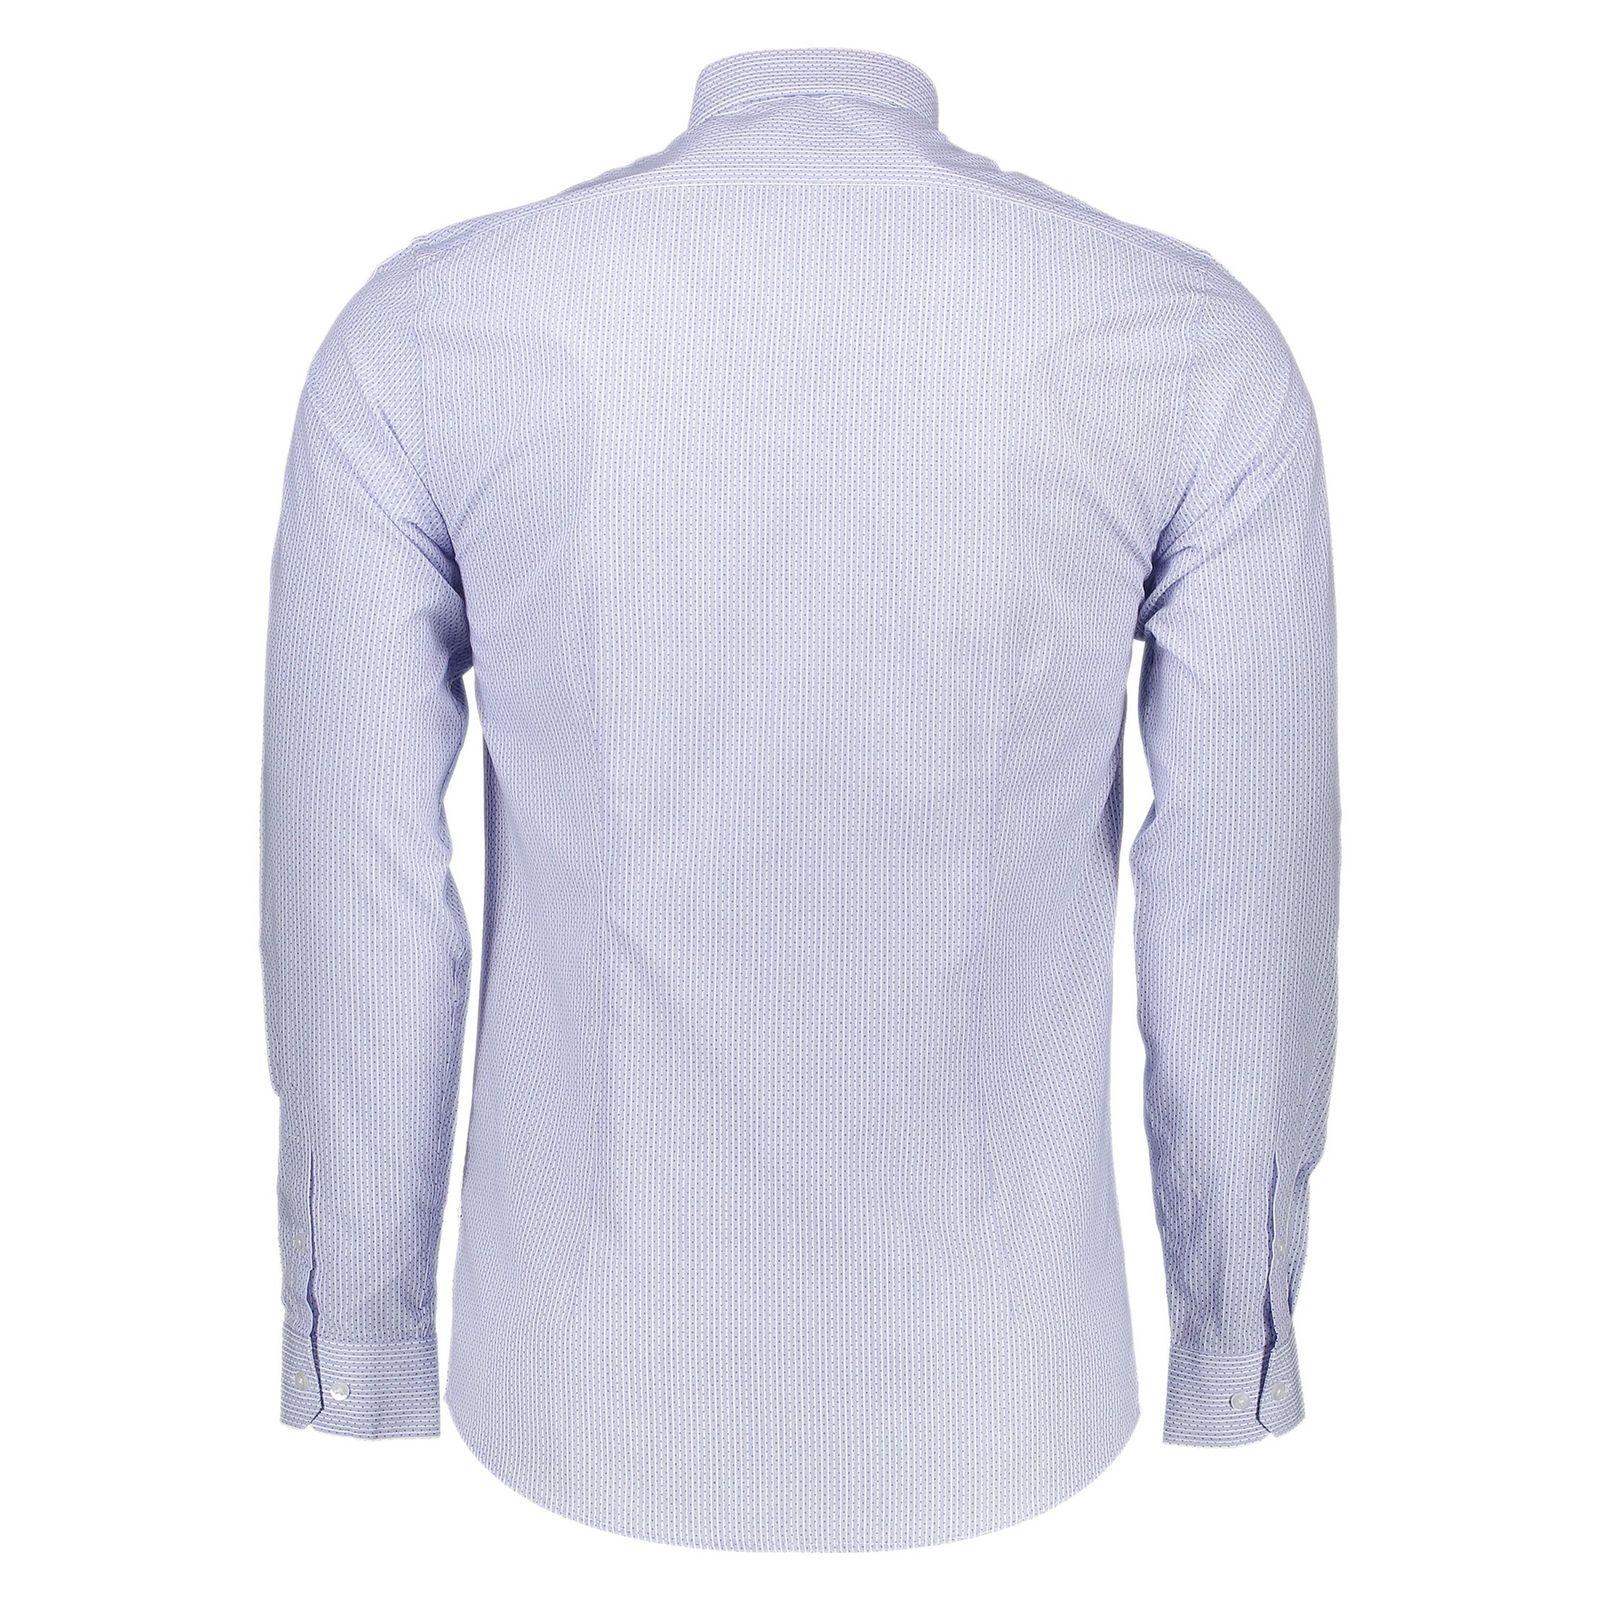 پیراهن رسمی مردانه - رد هرینگ - آبي روشن - 2